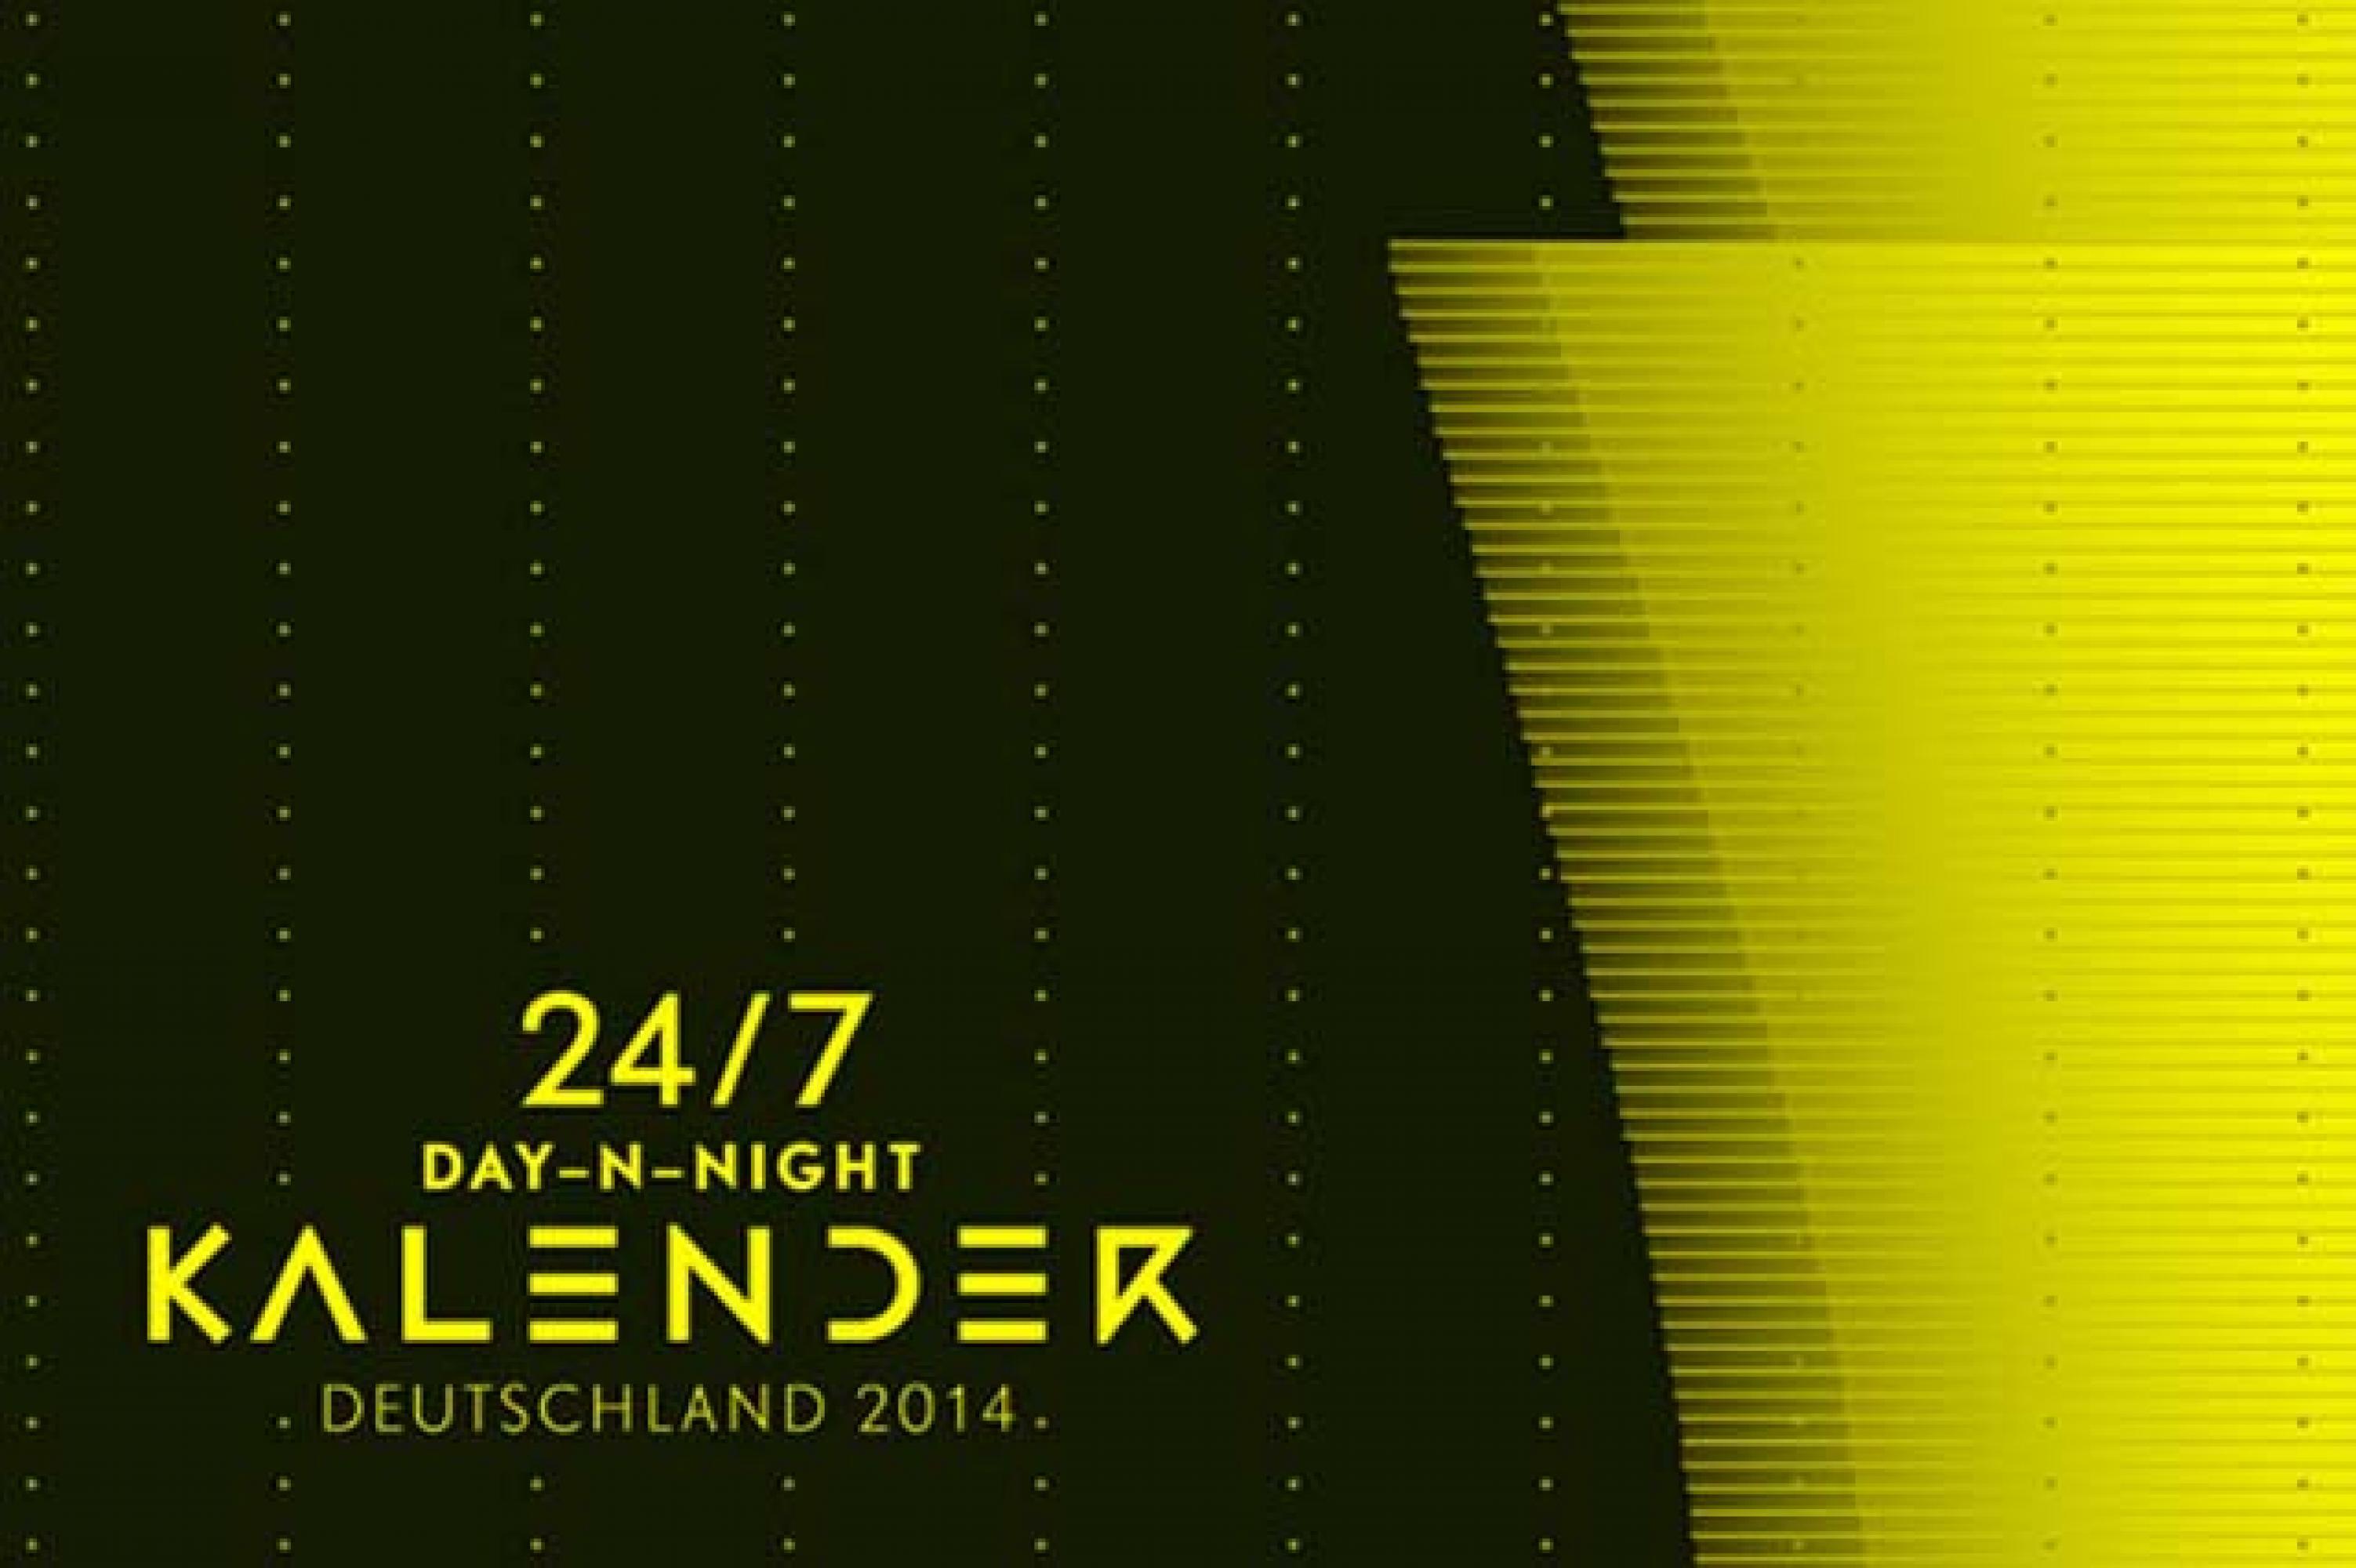 poster_mockup_Daylight-Kalender2014-2